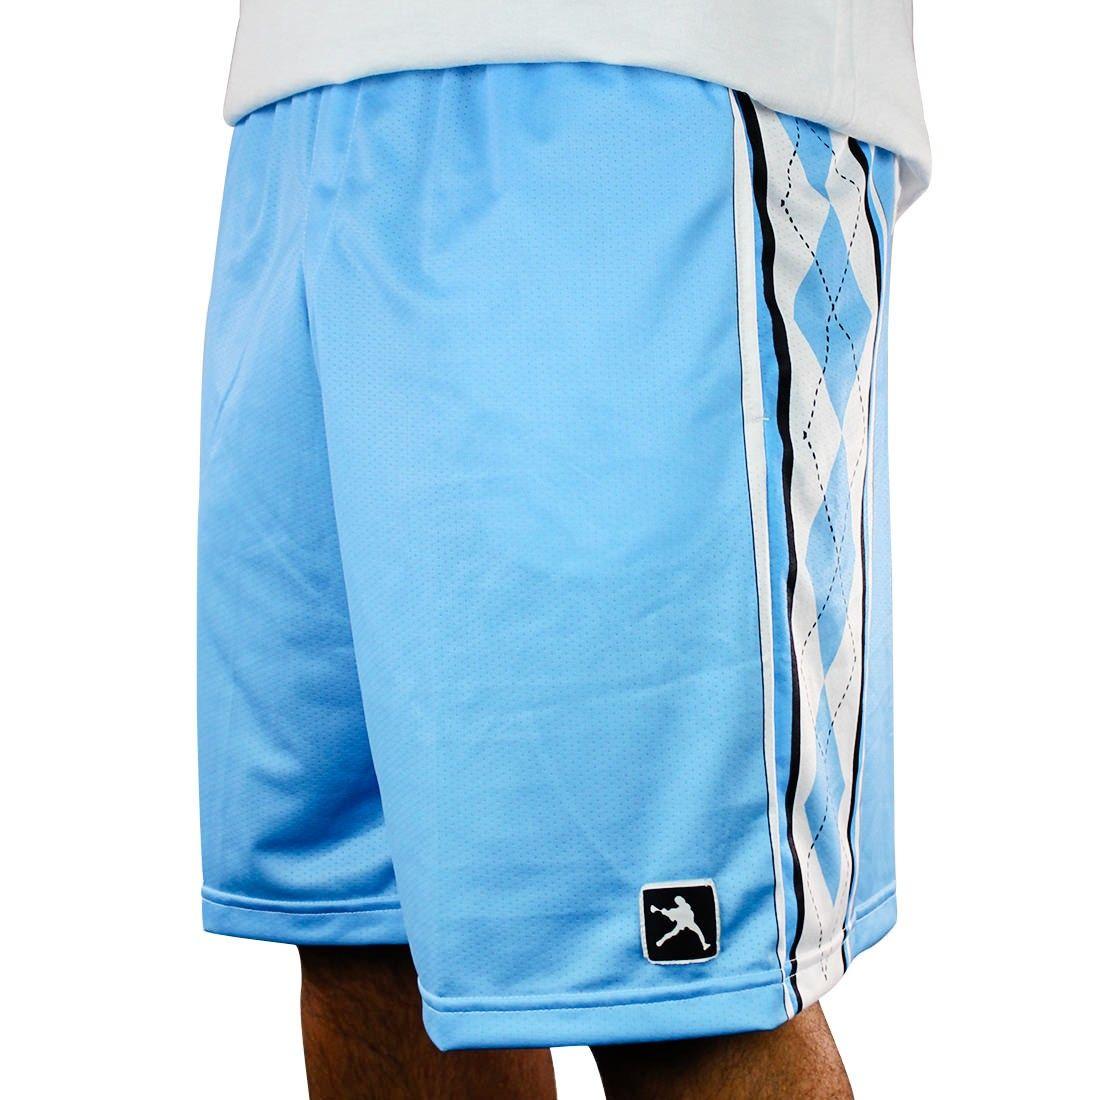 Lacrosseunlimited carolina argyle lacrosse shorts